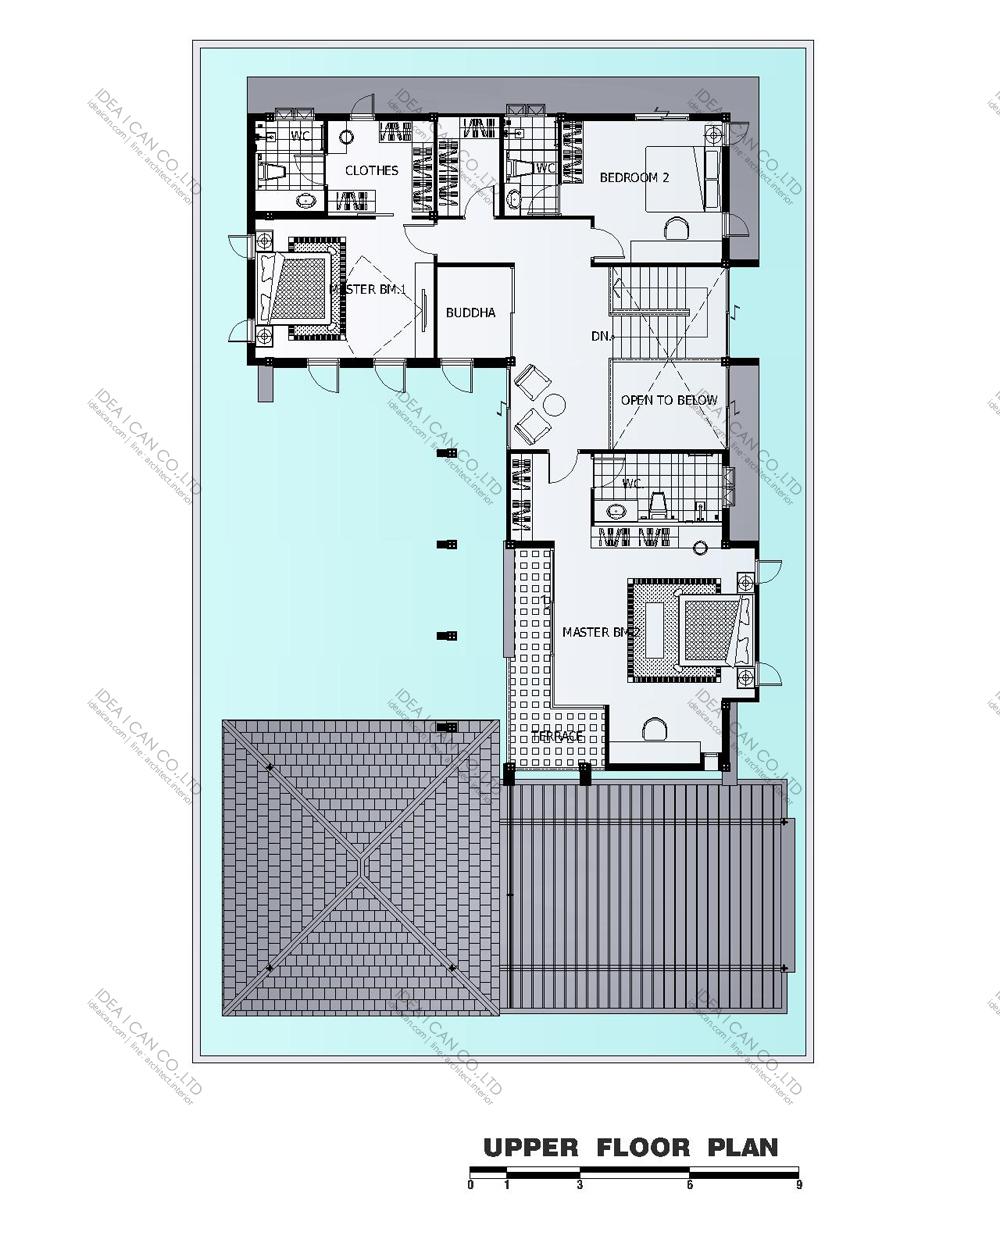 แบบบ้านสองชั้นสไตล์รีสอร์ท, แบบบ้าน 2 ชั้น, แบบบ้าน 4 ห้องนอน, ห้องน้ำสไตล์รีสอรท, พื้นที่ใช้สอย 435 ตร.ม., RE-H2-505.435(2018), แบบบ้านสไตล์รีสอร์ท , รับเหมาก่อสร้าง, รับสร้างบ้าน, รับสร้างบ้านสองชั้น